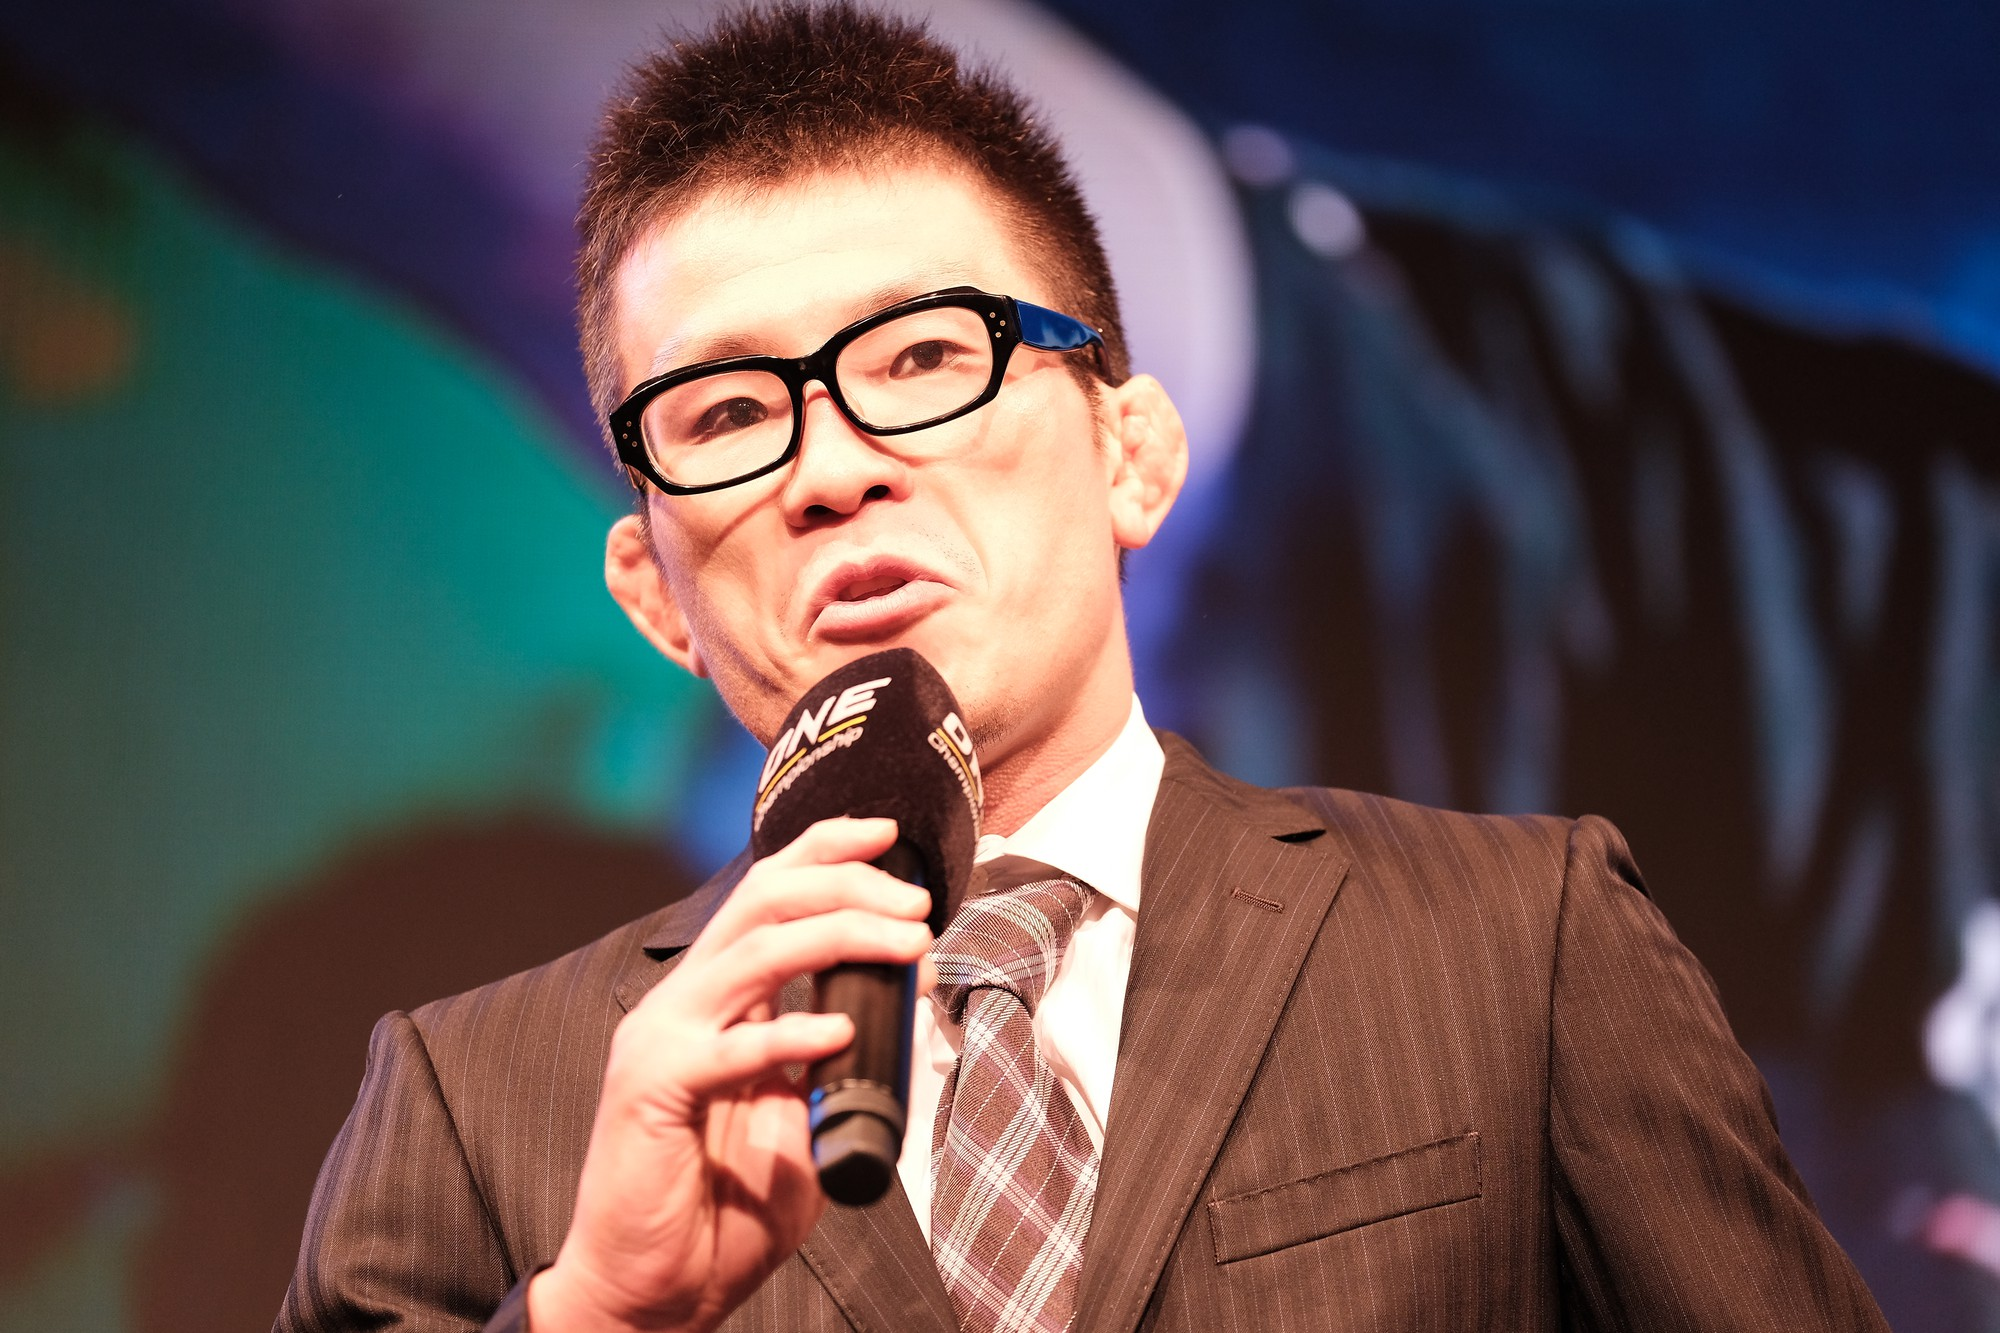 ONE Championship chuẩn bị tấn công thánh địa MMA Nhật Bản - Ảnh 4.